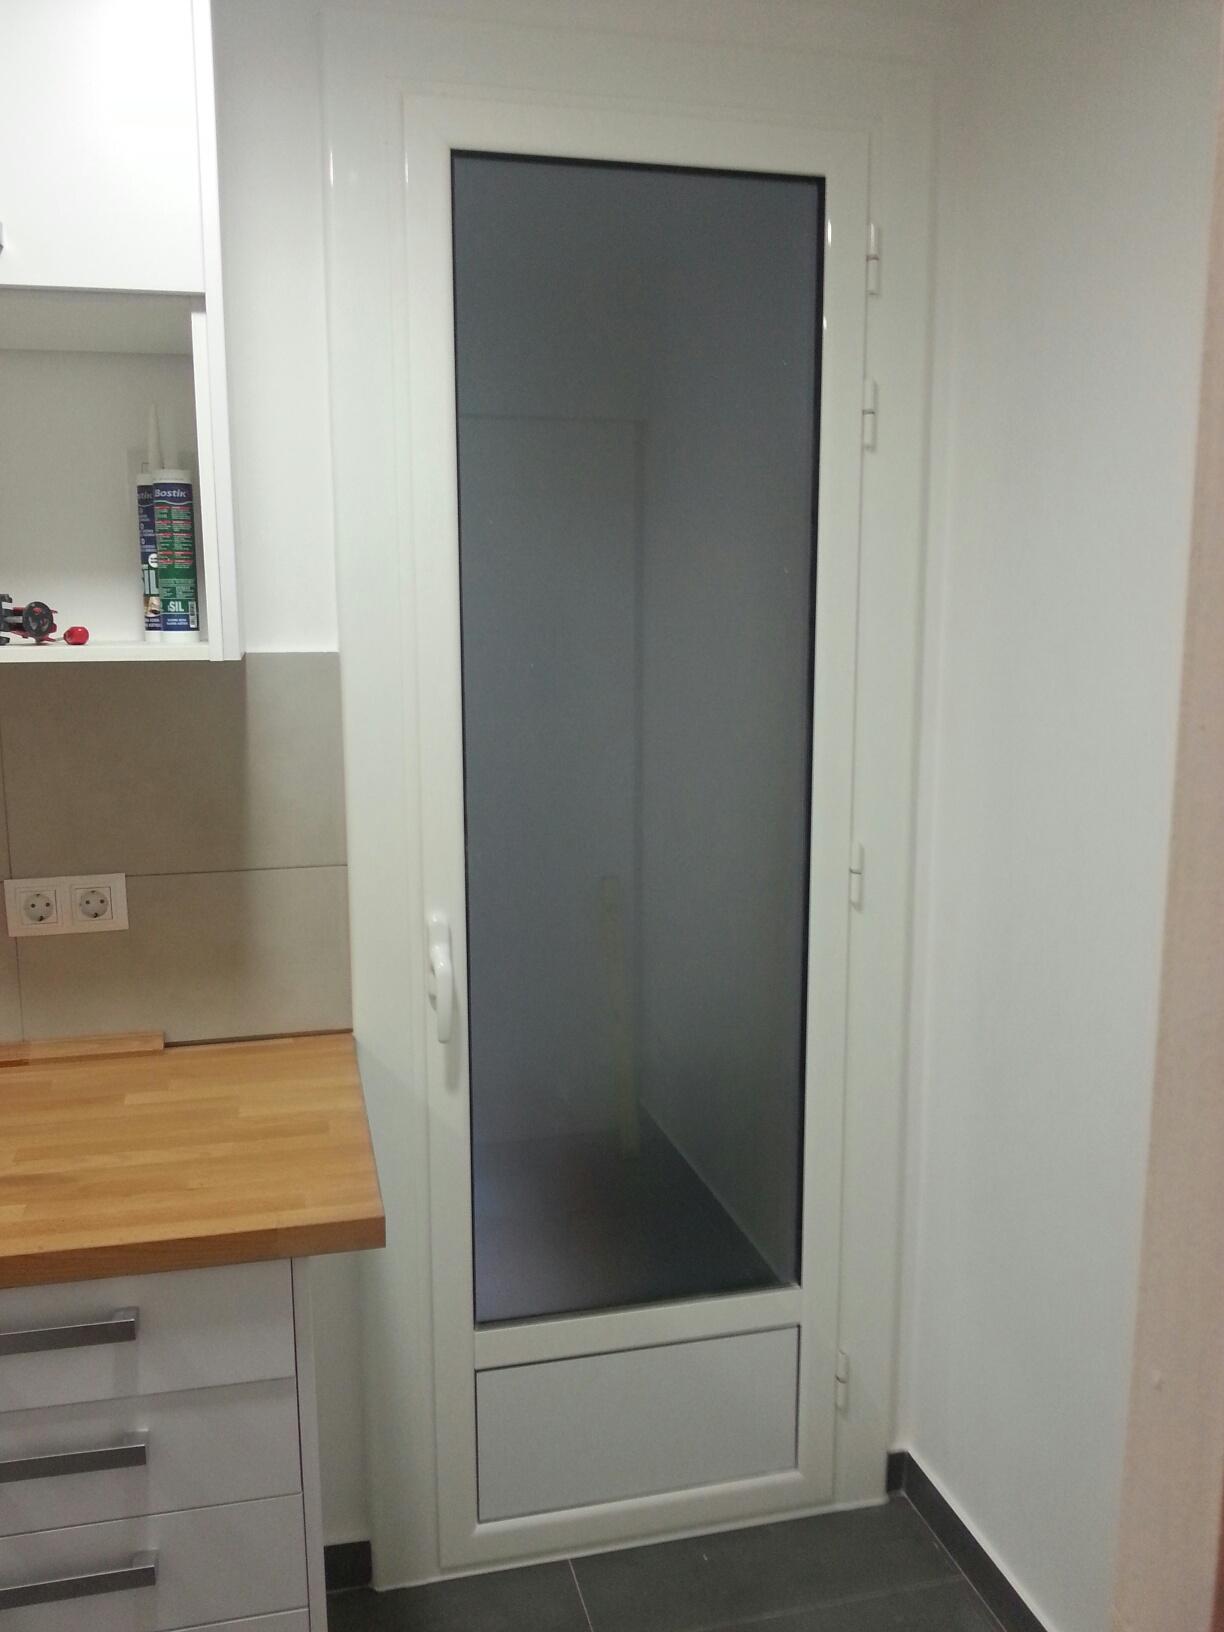 ventanas oscilobatientes y puerta abatible de aluminio en